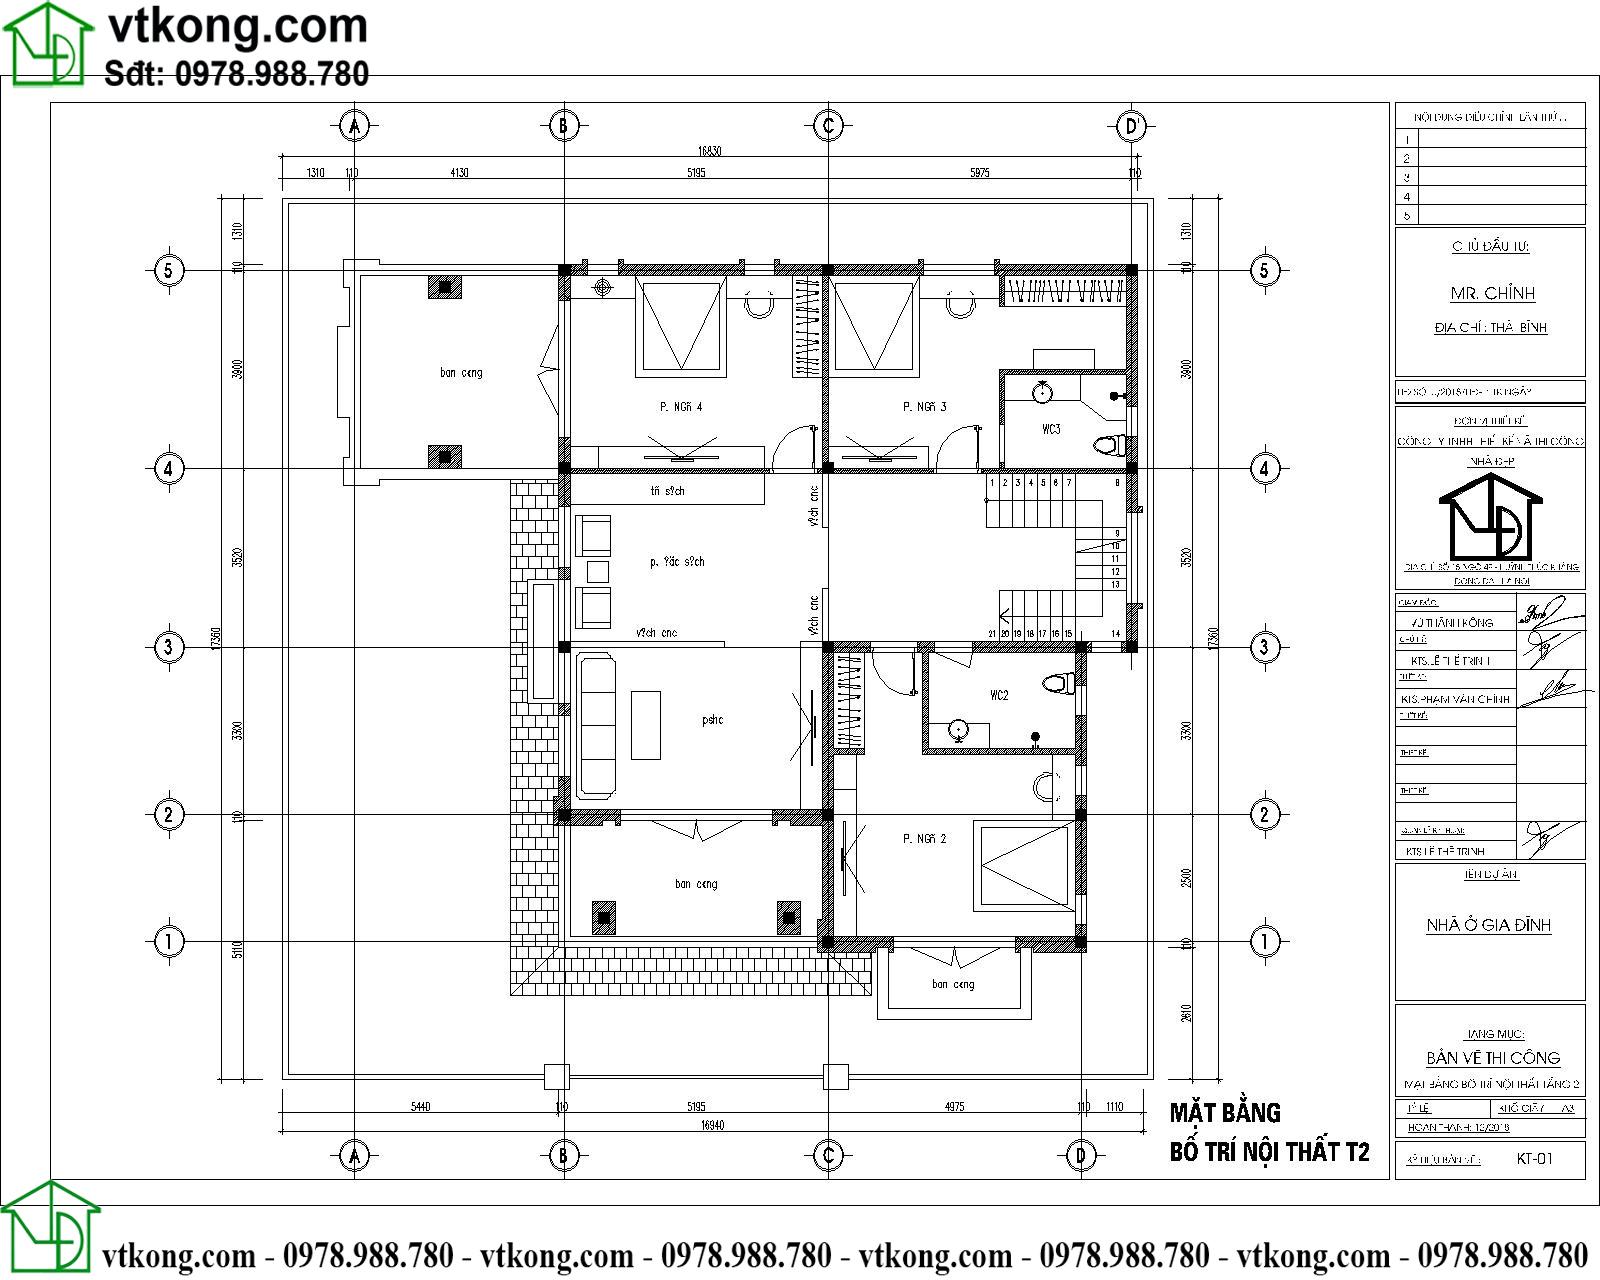 Thiết kế biệt thự 3 tầng đẹp hiện đại 15x15m BT3T008 4